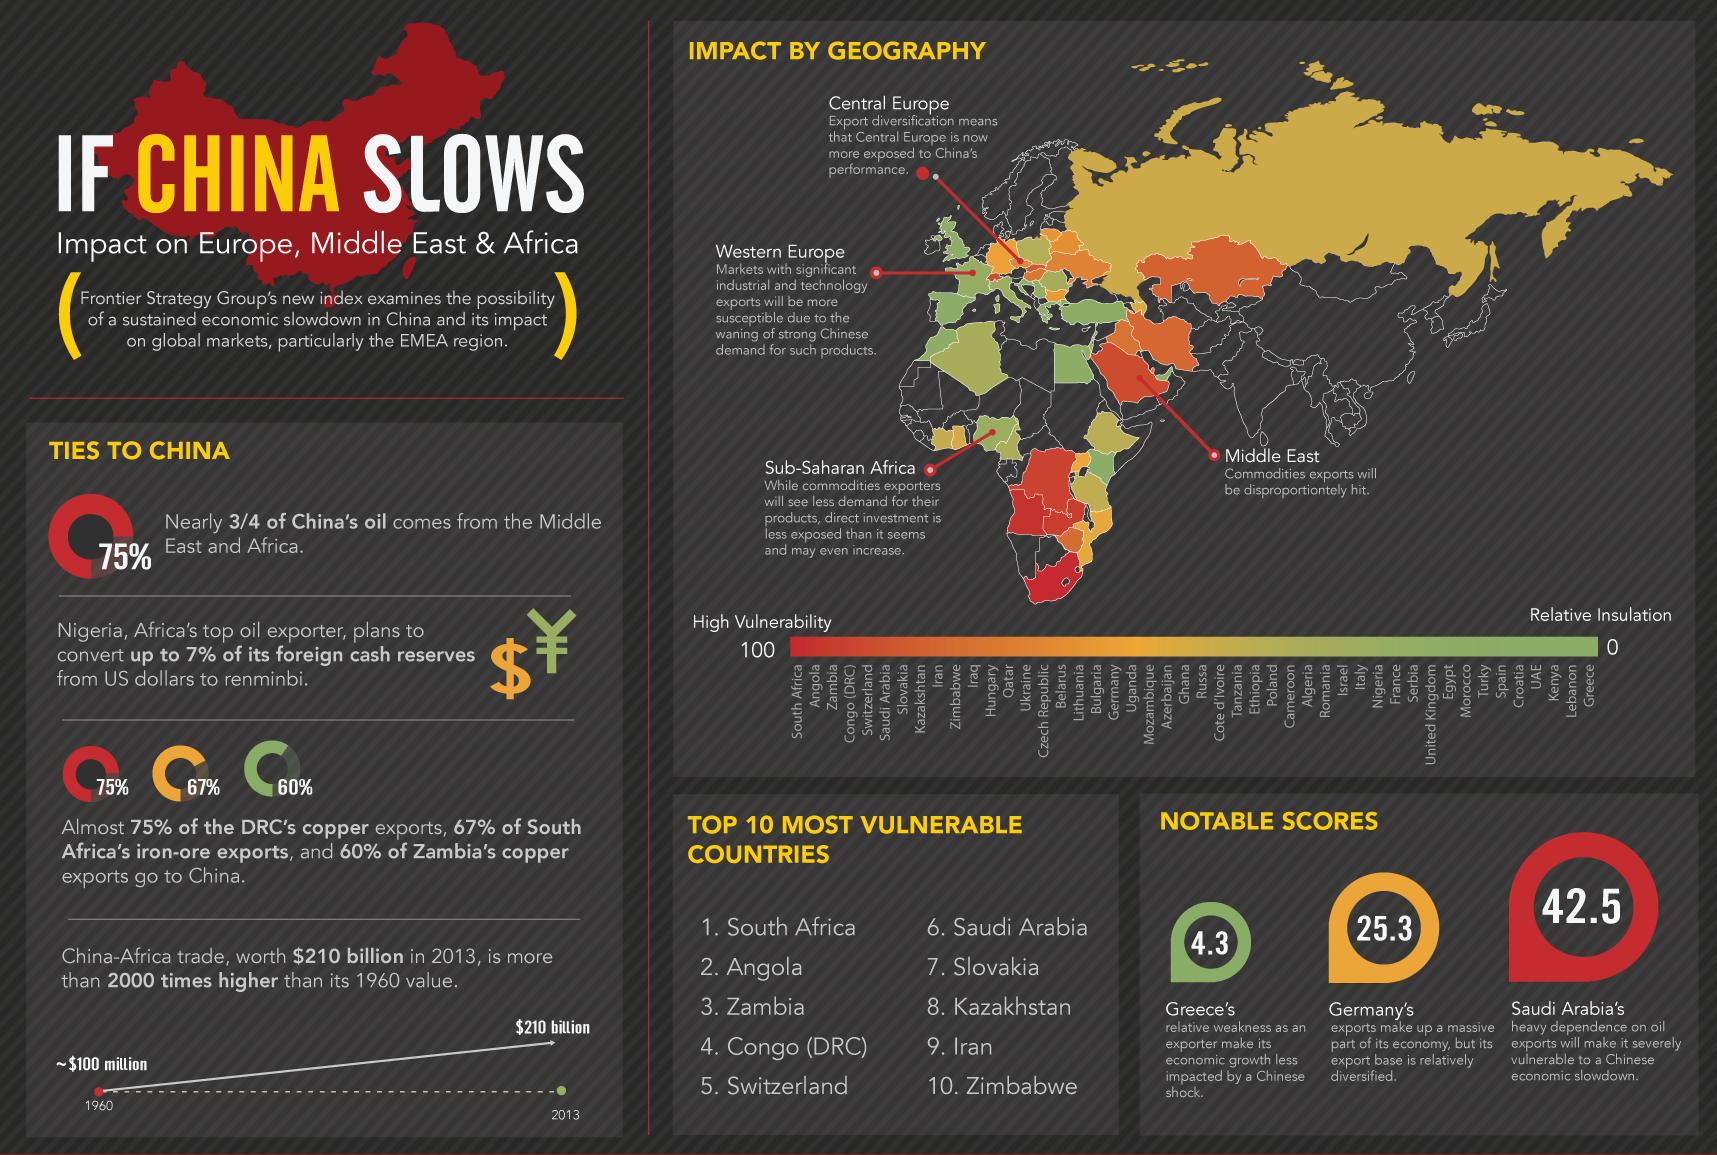 The impact of China slowdown